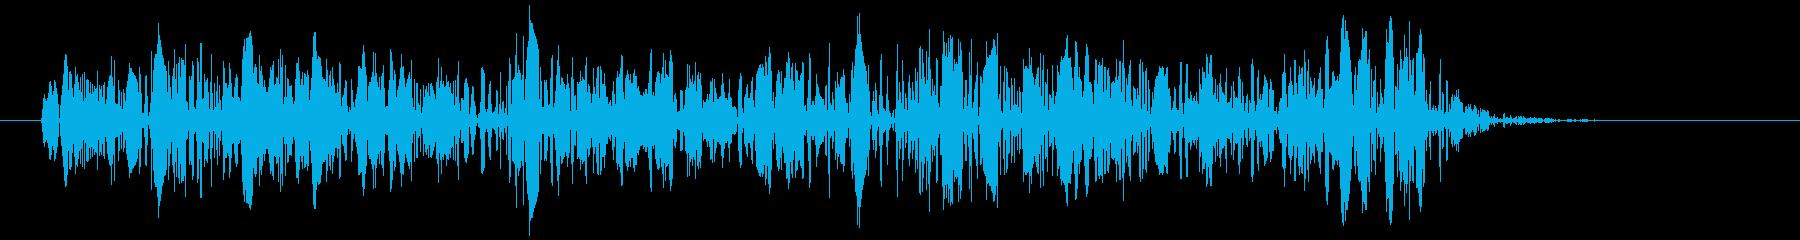 きもいグジュグジュグジュ音の再生済みの波形